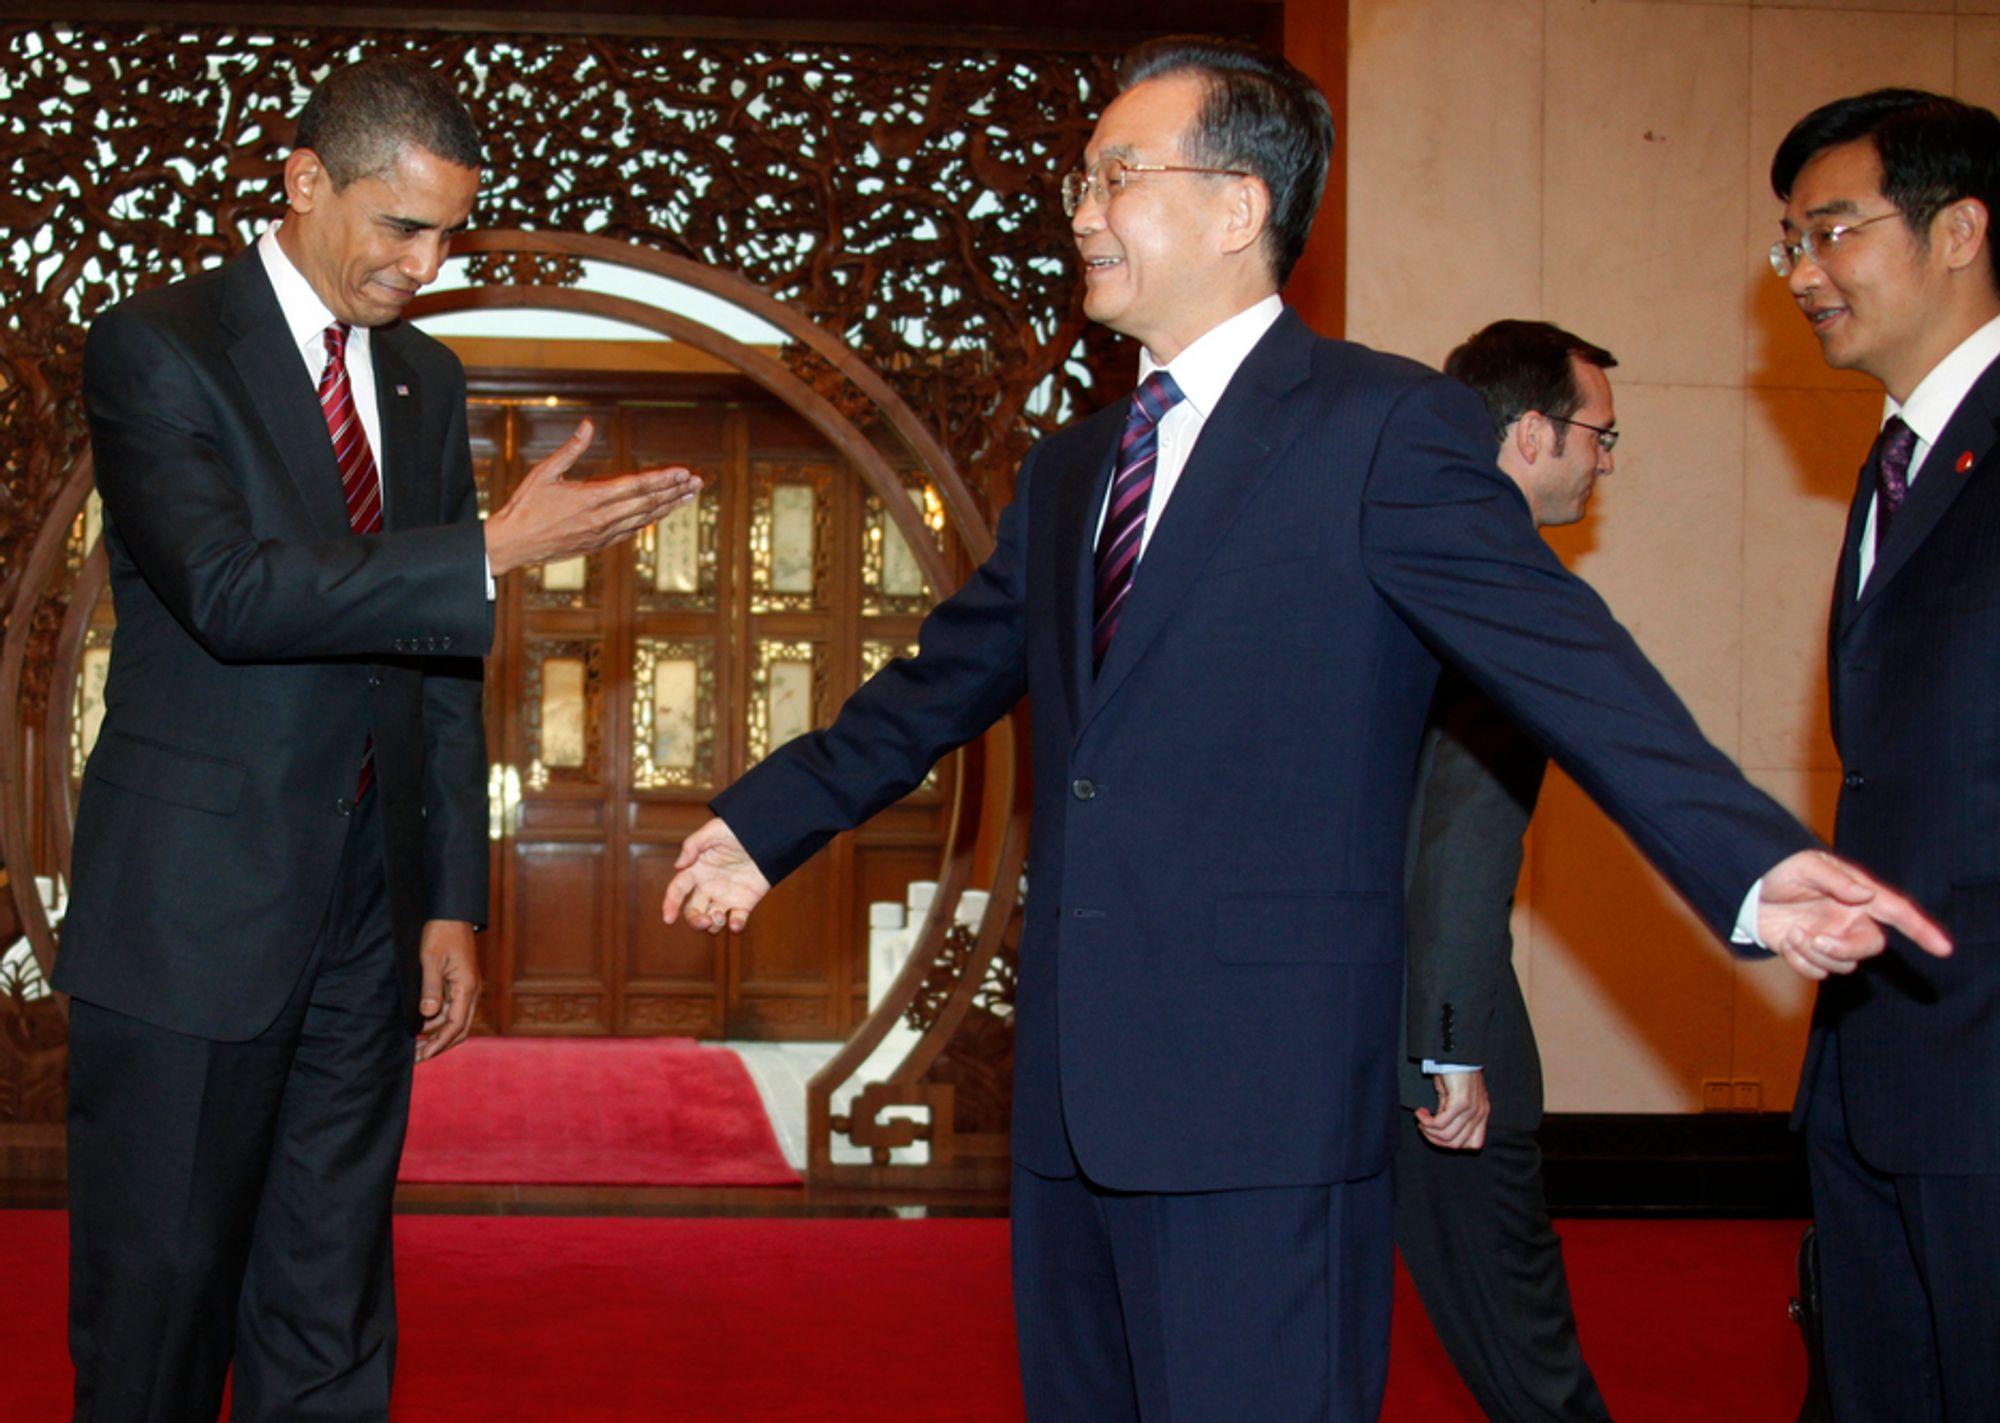 USAs president Barack Obama er på statsbesøk i Kina denne uka og har hatt møter med blant andre Kinas statsminister Wen Jiabao.